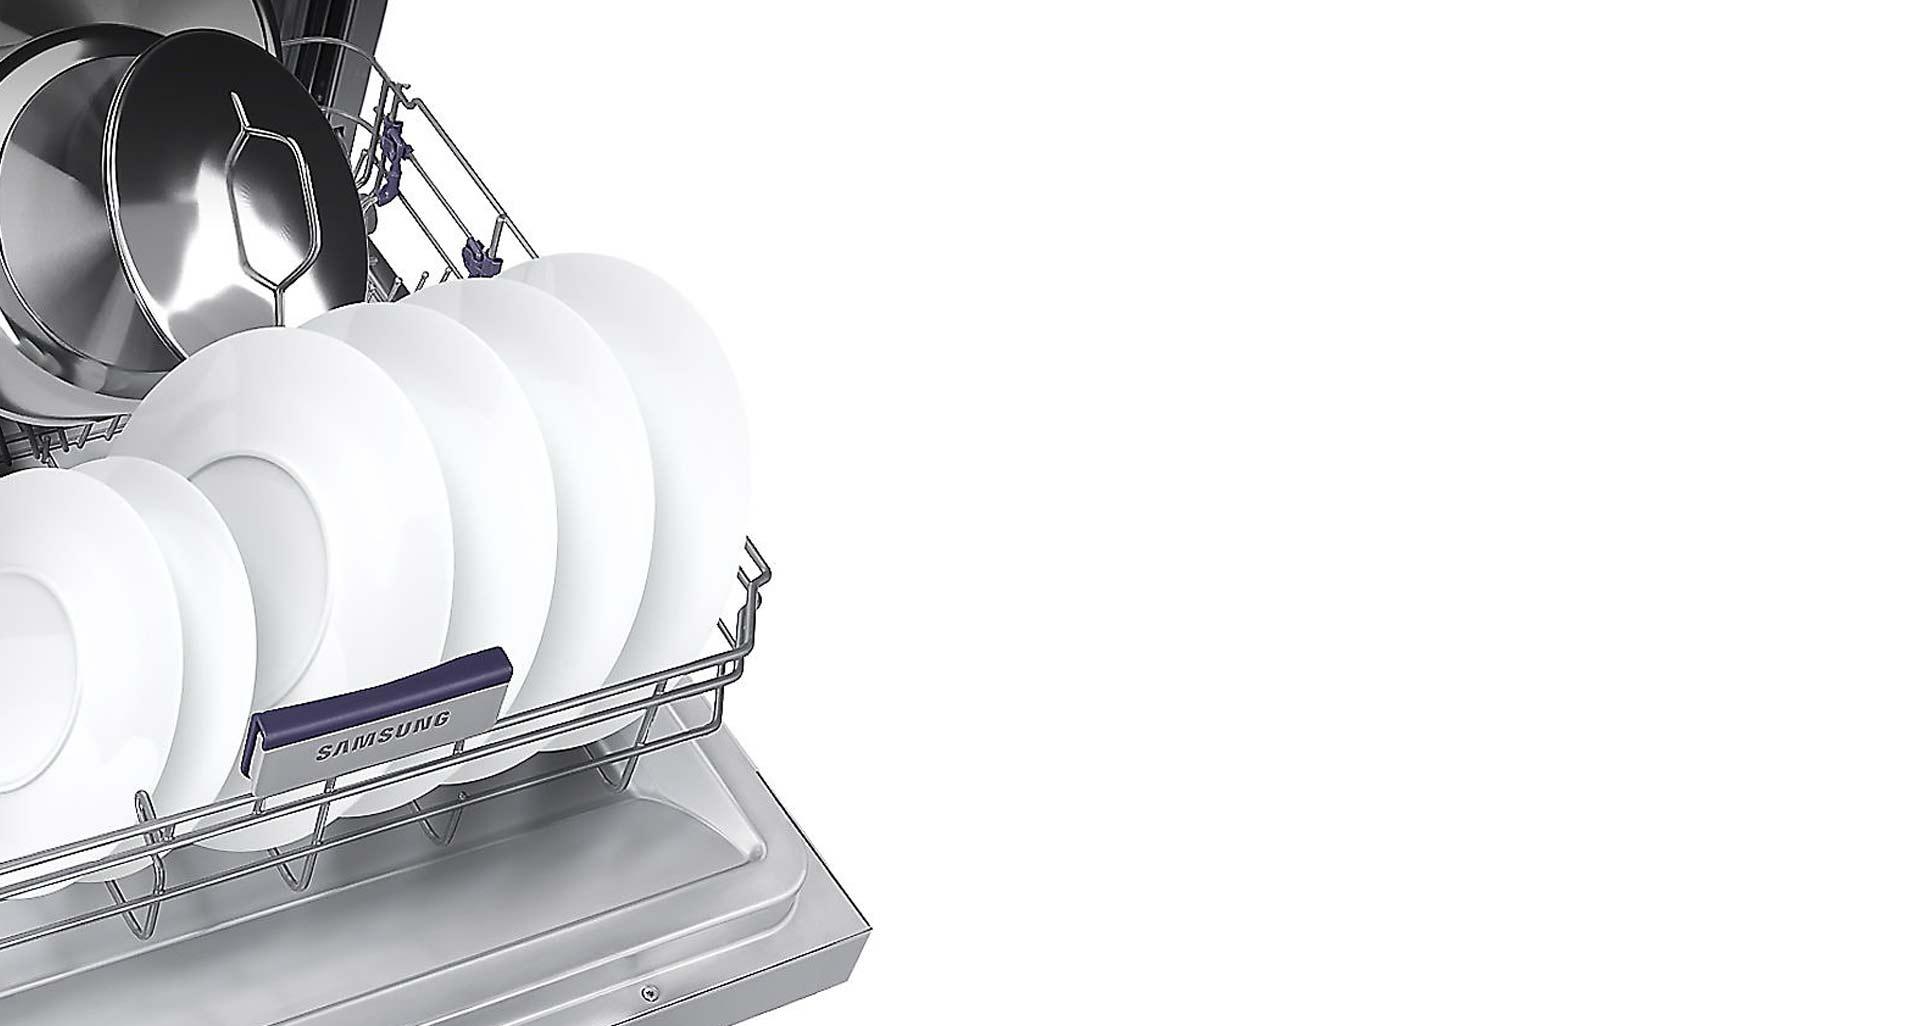 تمیز کردن ظروف با تعداد کم توسط گزینه نیم شور ظرفشویی D157